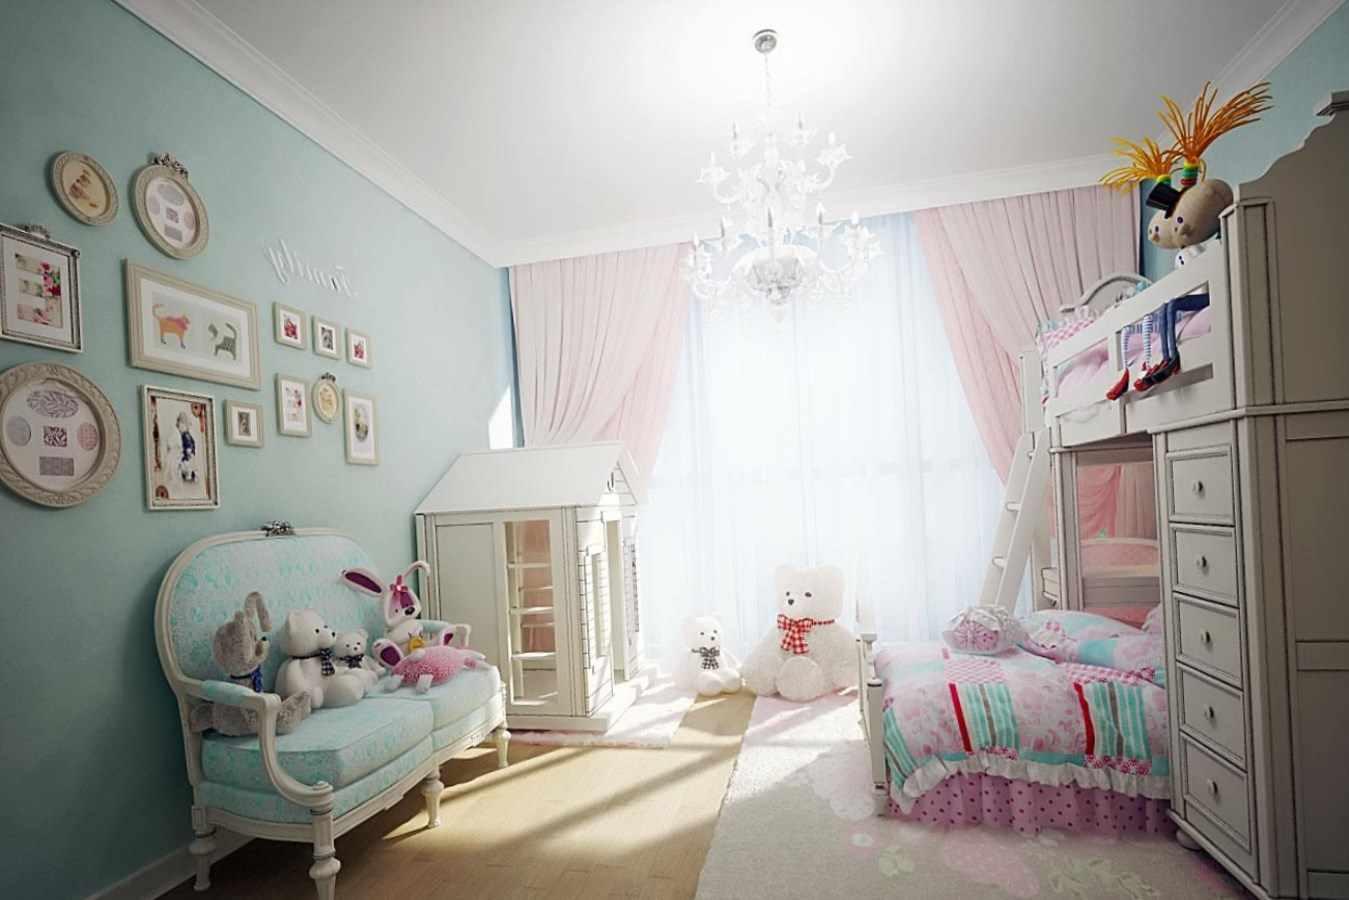 идея красивого дизайна спальной комнаты для девочки